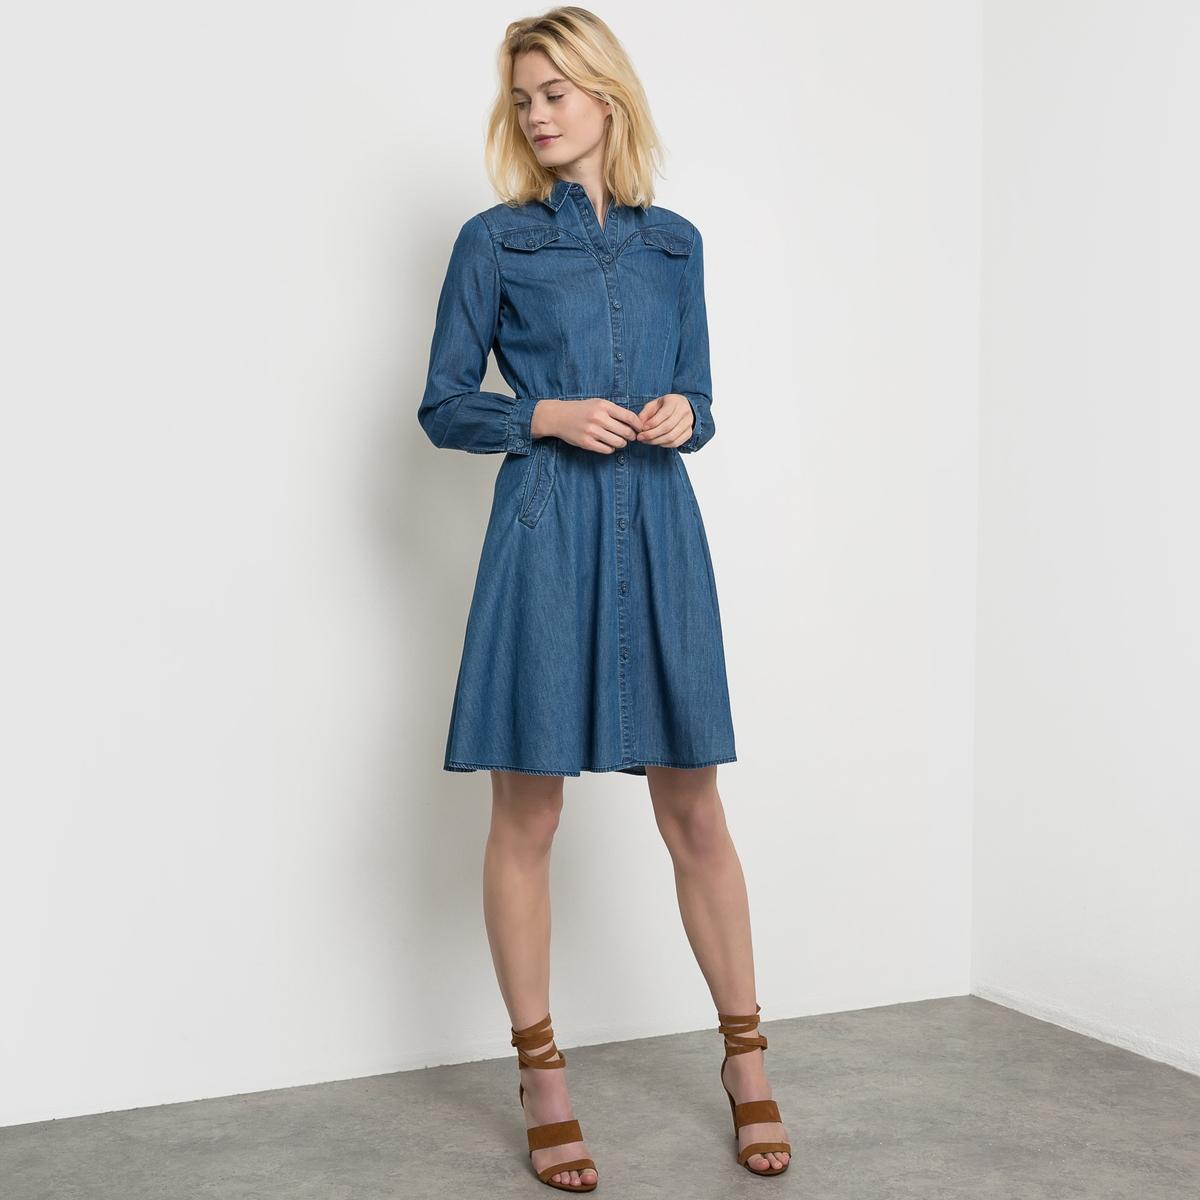 Платье из денимаРазмер 40: Длина по спинке: 102 смРазмер 38: Длина по спинке: 99 см<br><br>Цвет: синий потертый